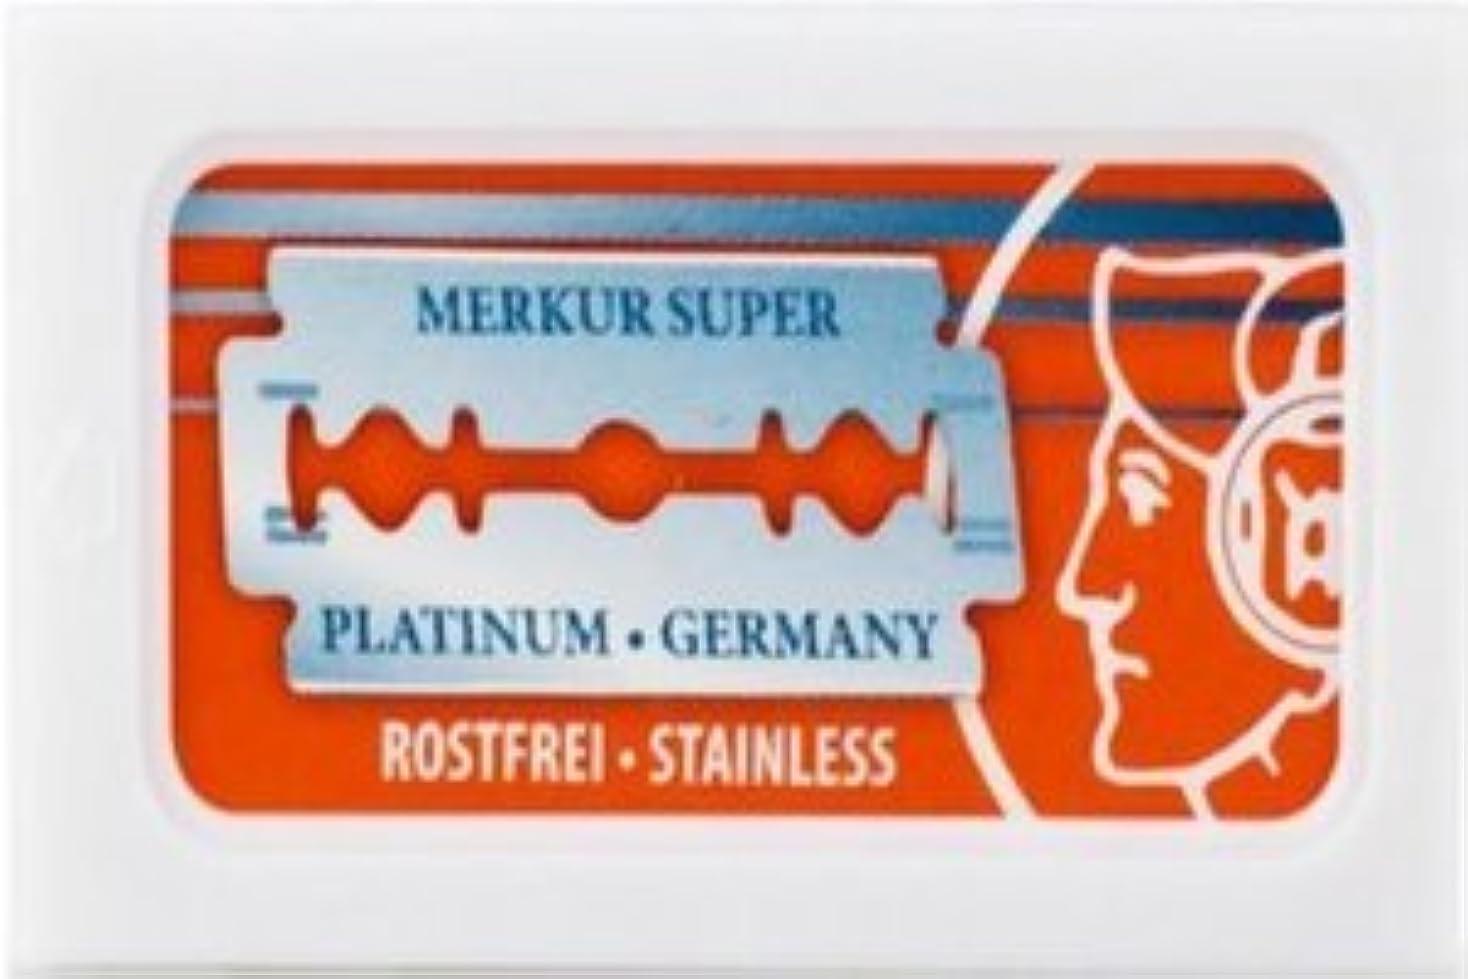 爪軍手順Merkur Super Platinum 両刃替刃 10枚入り(10枚入り1 個セット)【並行輸入品】